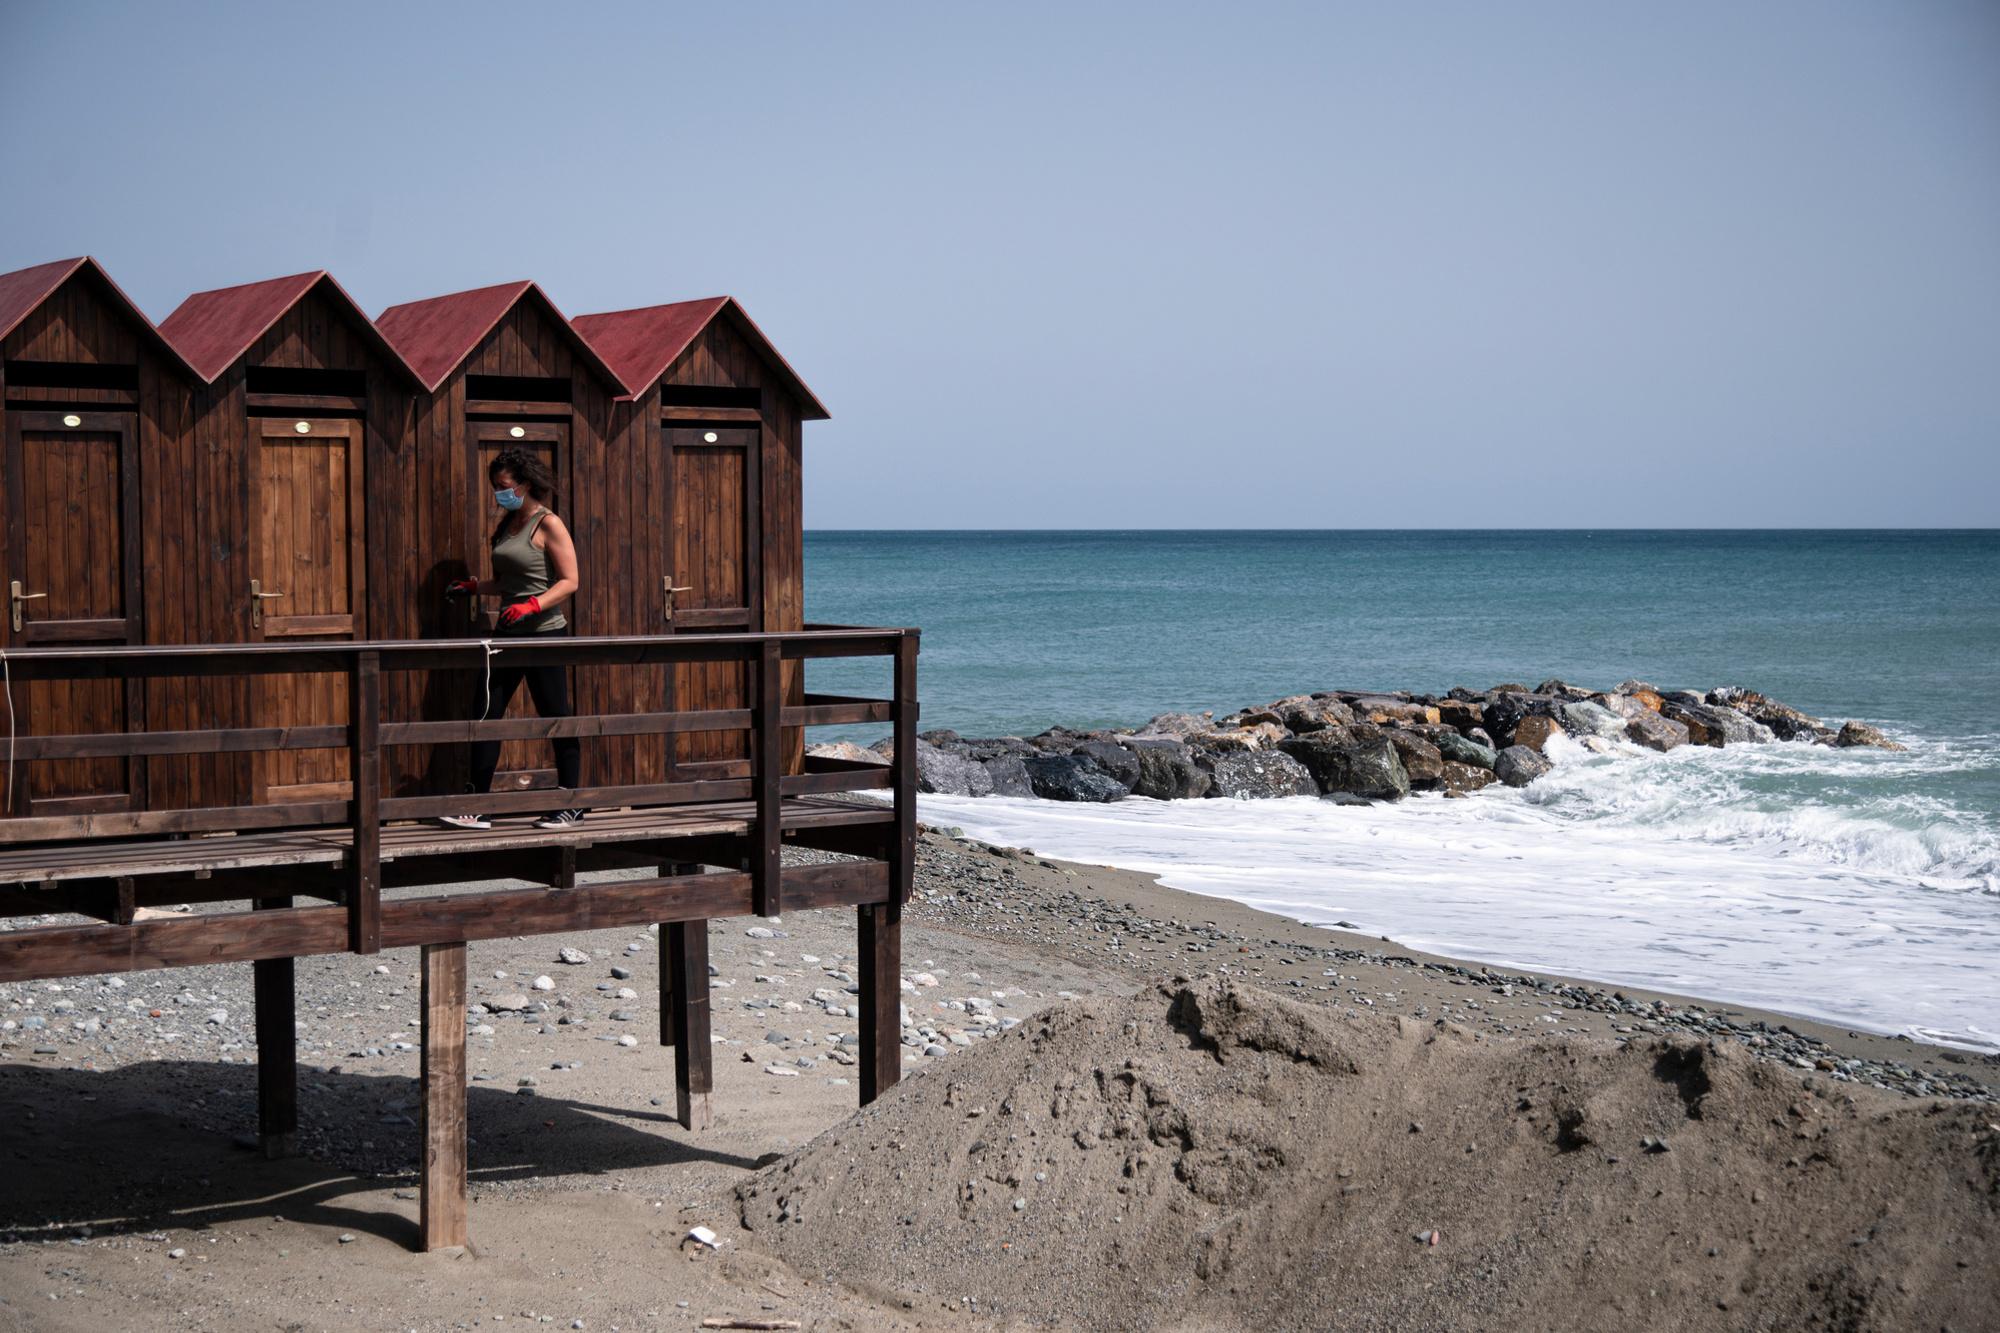 La propriétaire d'une plage prépare les cabines et les zones des clients pour la prochaine saison estivale, belga